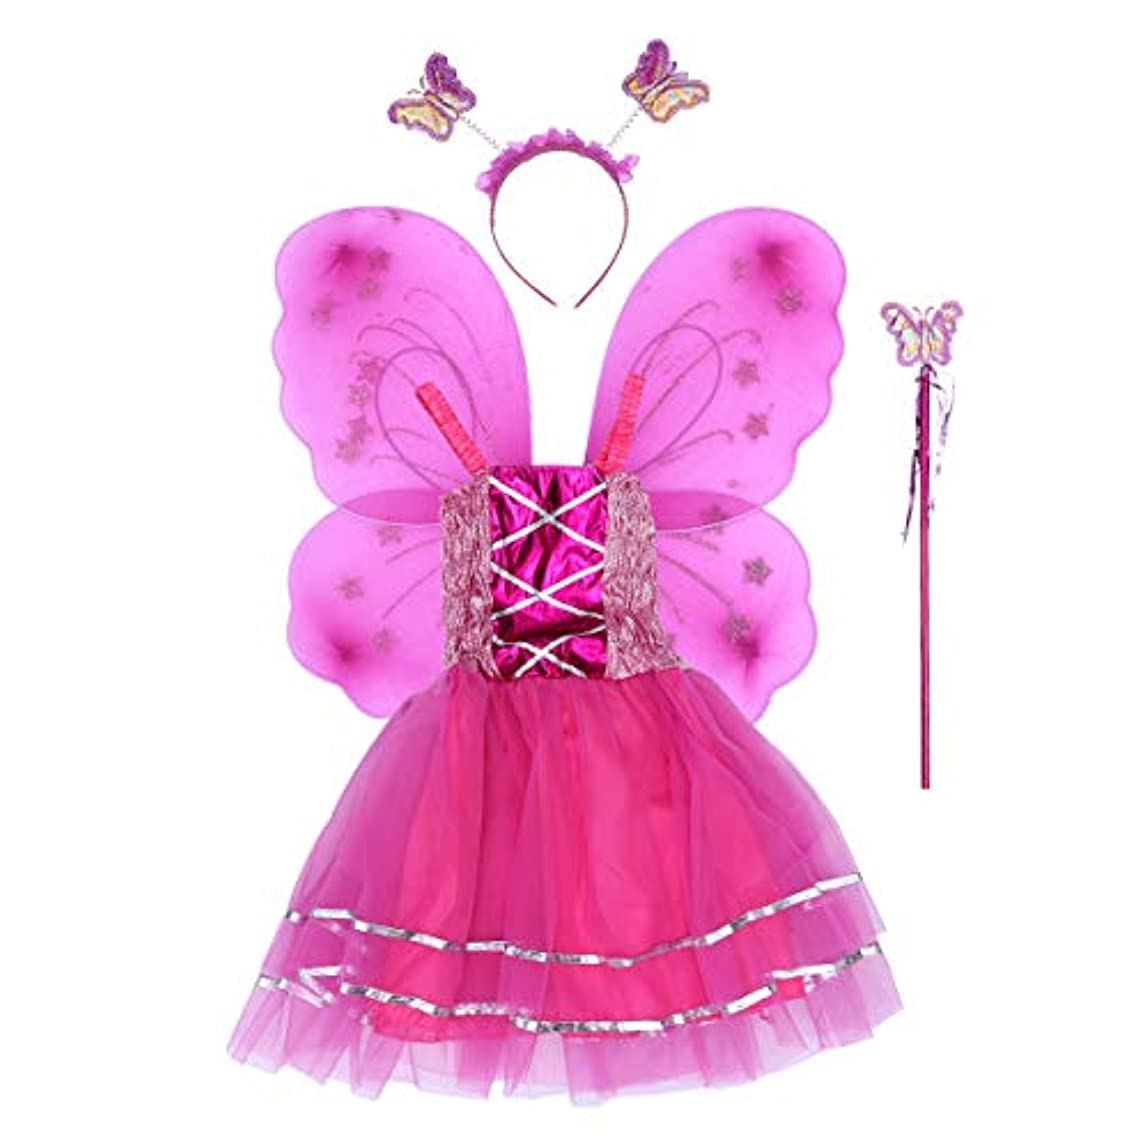 カルシウム形成年次BESTOYARD 4個の女の子バタフライプリンセス妖精のコスチュームセットバタフライウィング、ワンド、ヘッドバンドとツツードレス(ロージー)